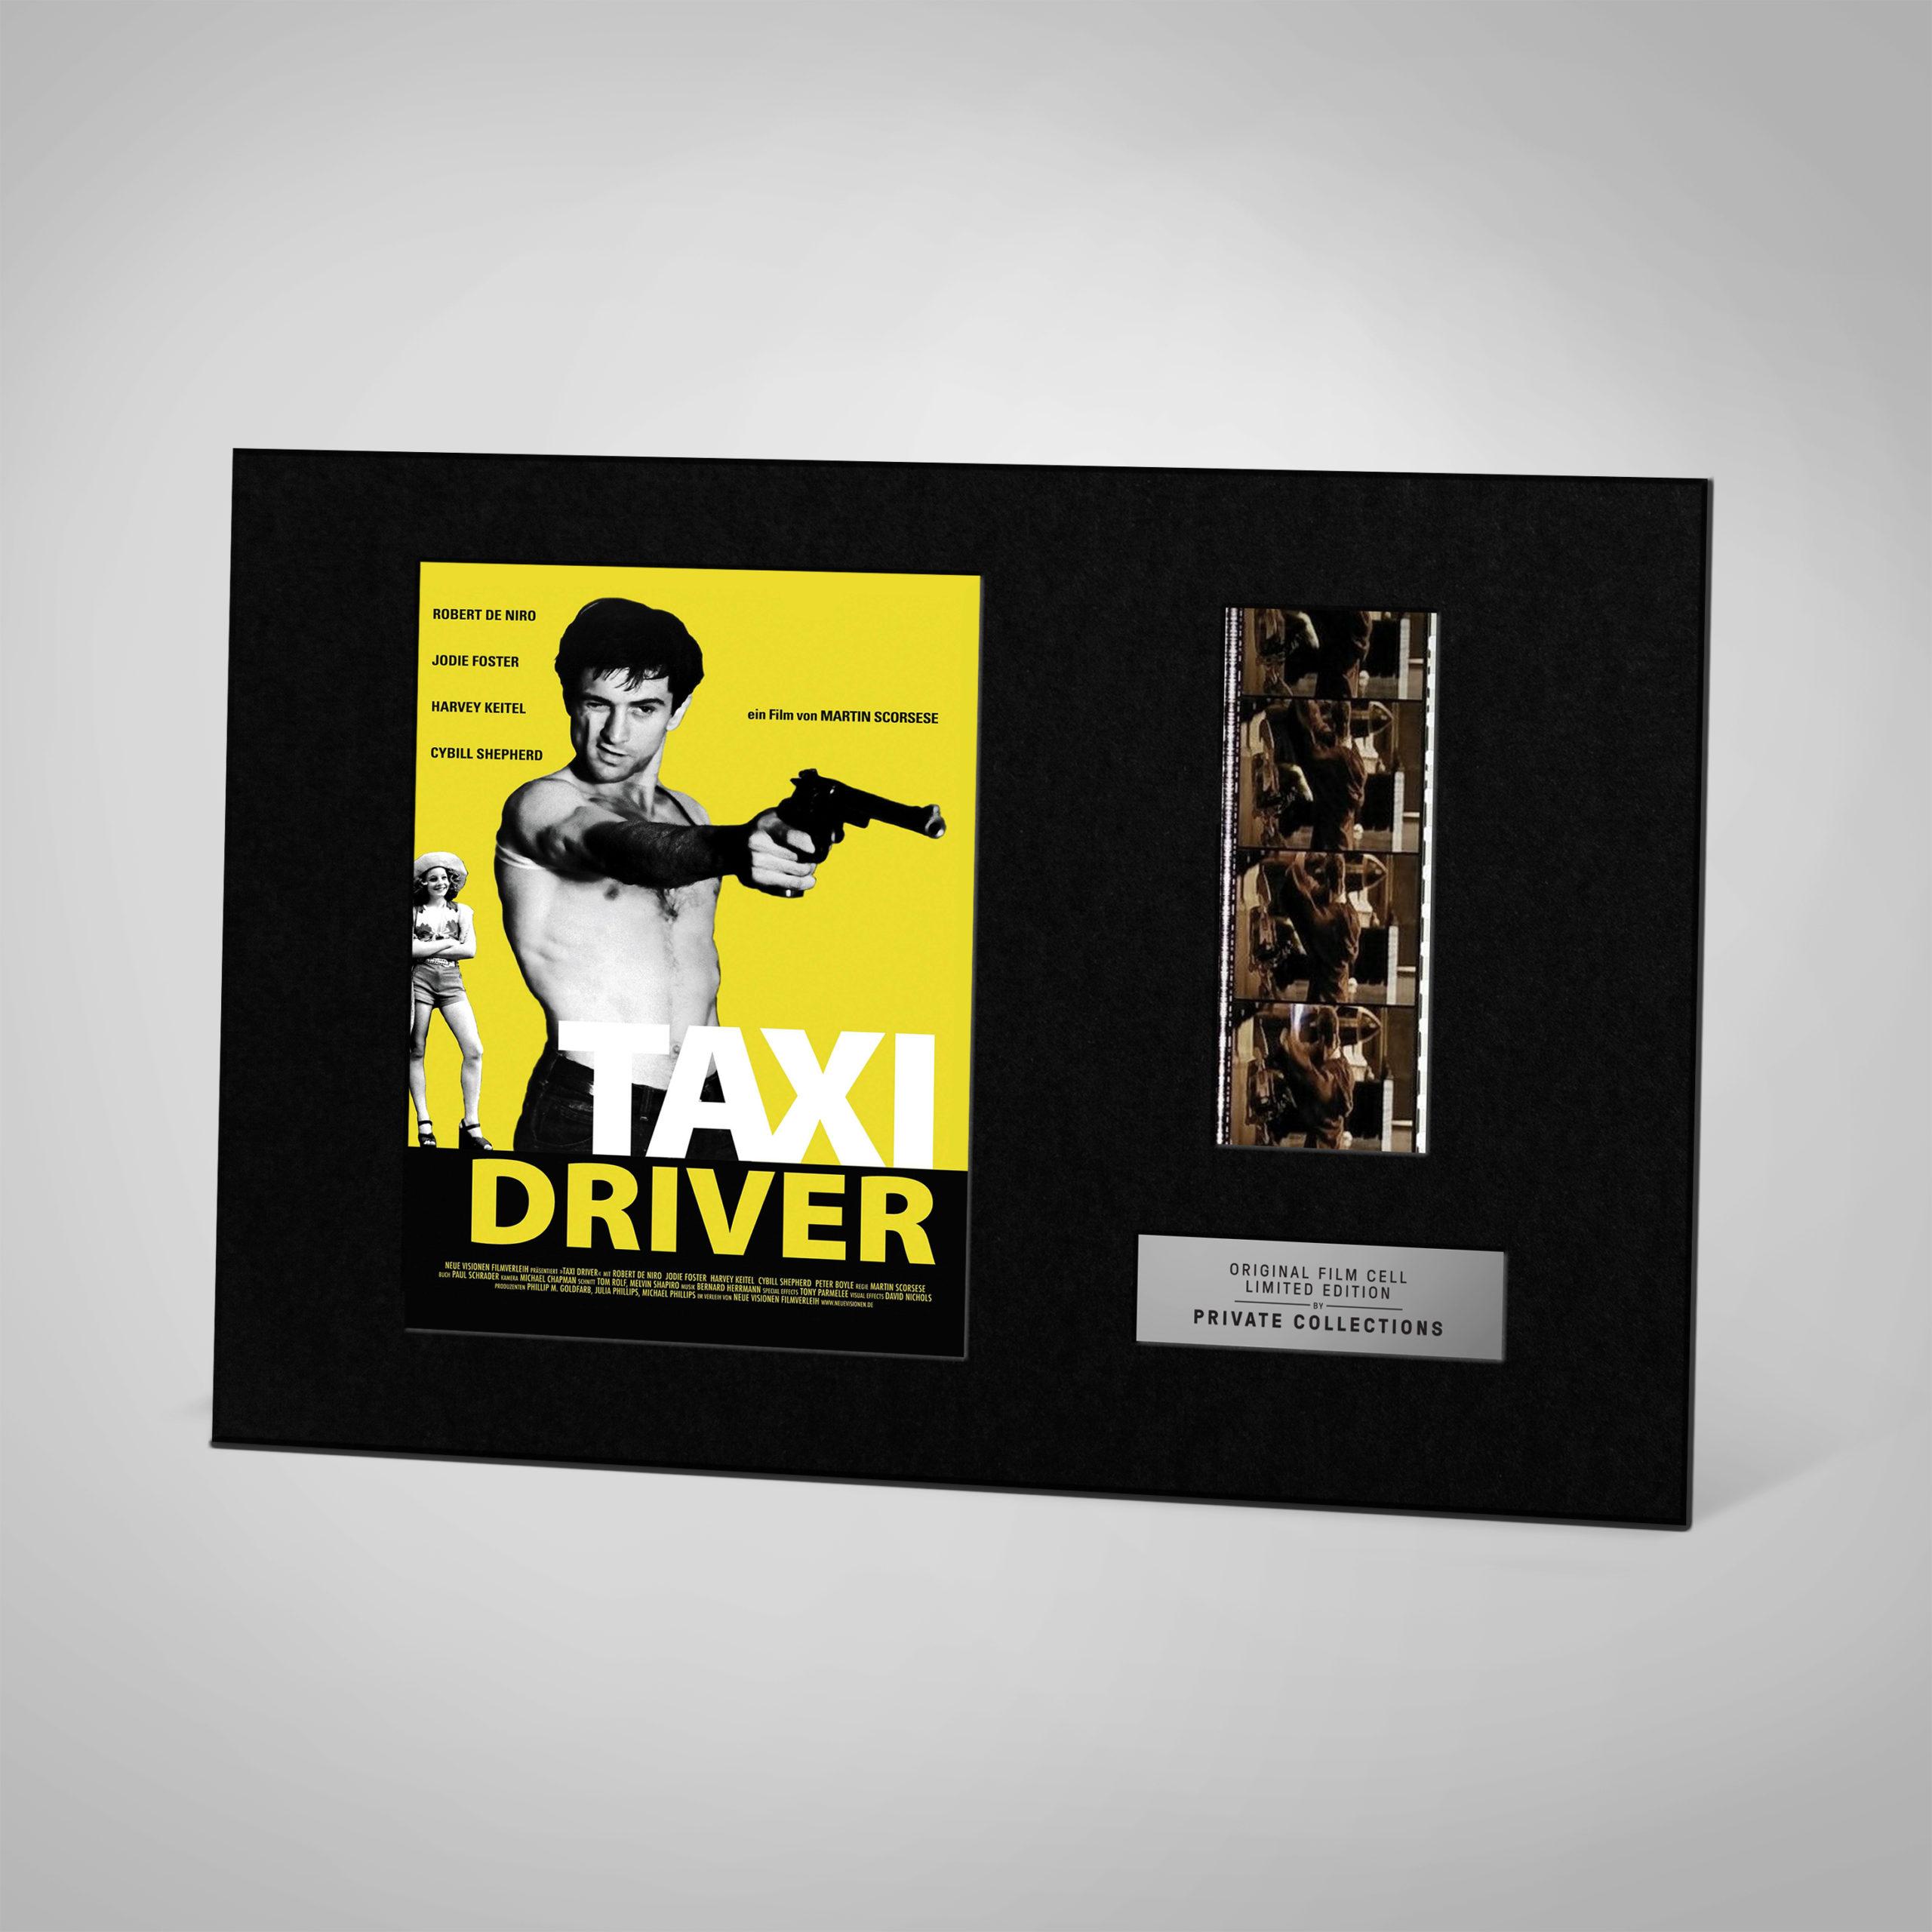 TAXI DRIVER - v.1 (1976)